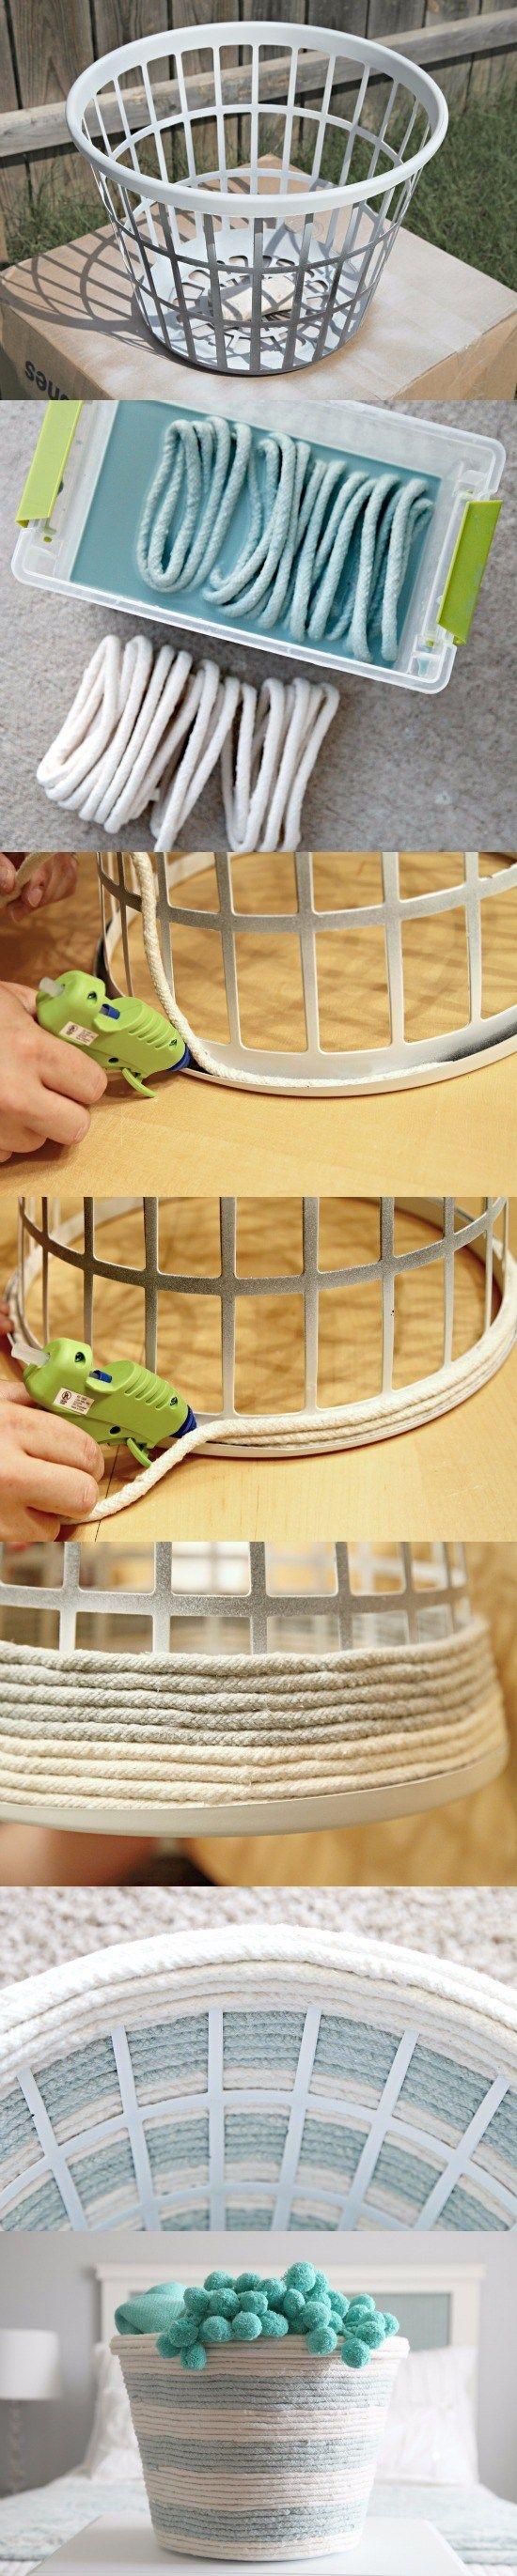 Cesta de cuerda para tu dormitorio / http://www.iheartorganizing.com